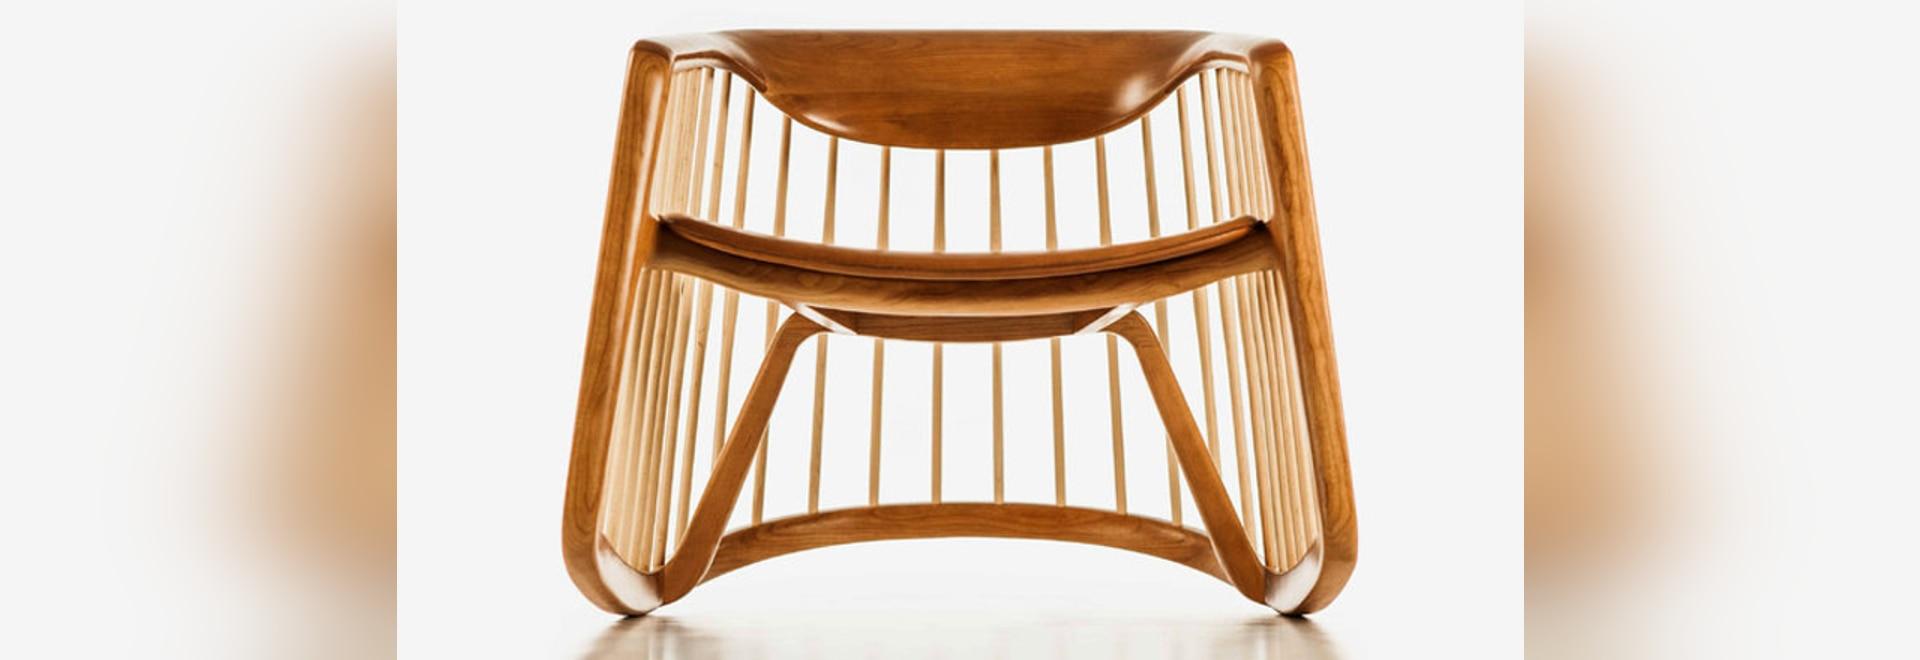 Chaise de basculage de harpiste par Noé Duchaufour Lawrance pour la conception de Bernhardt